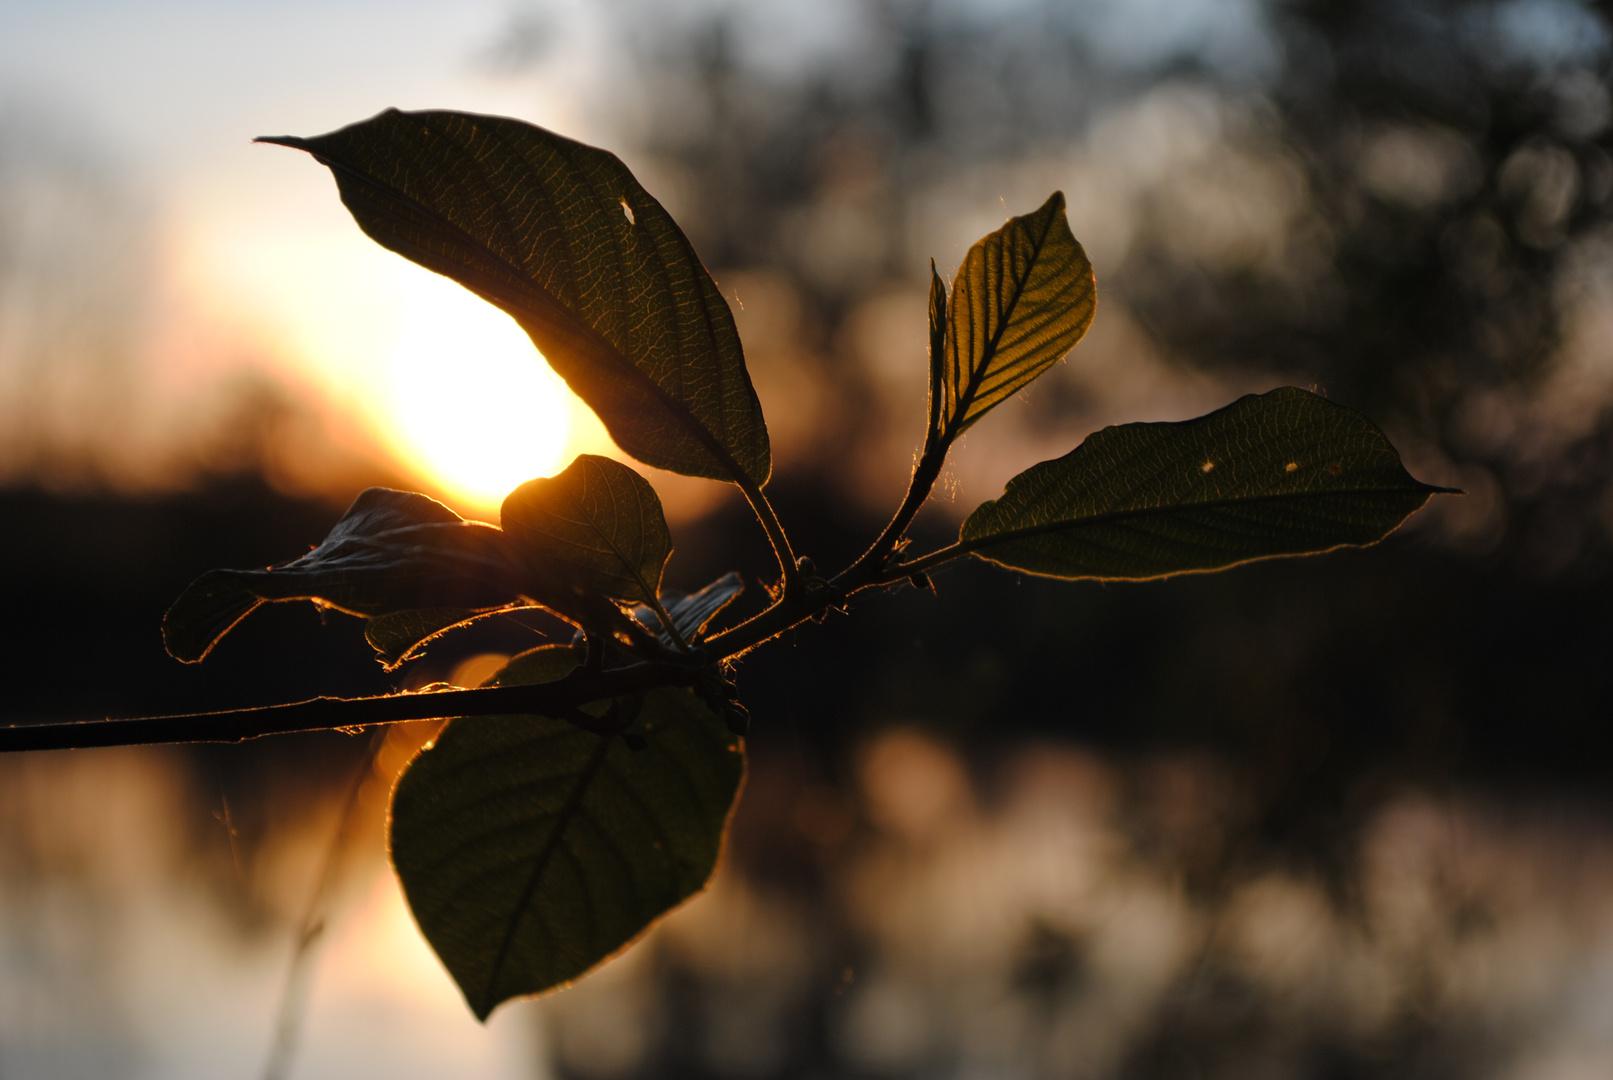 Untergehende Sonne hinter Blatt